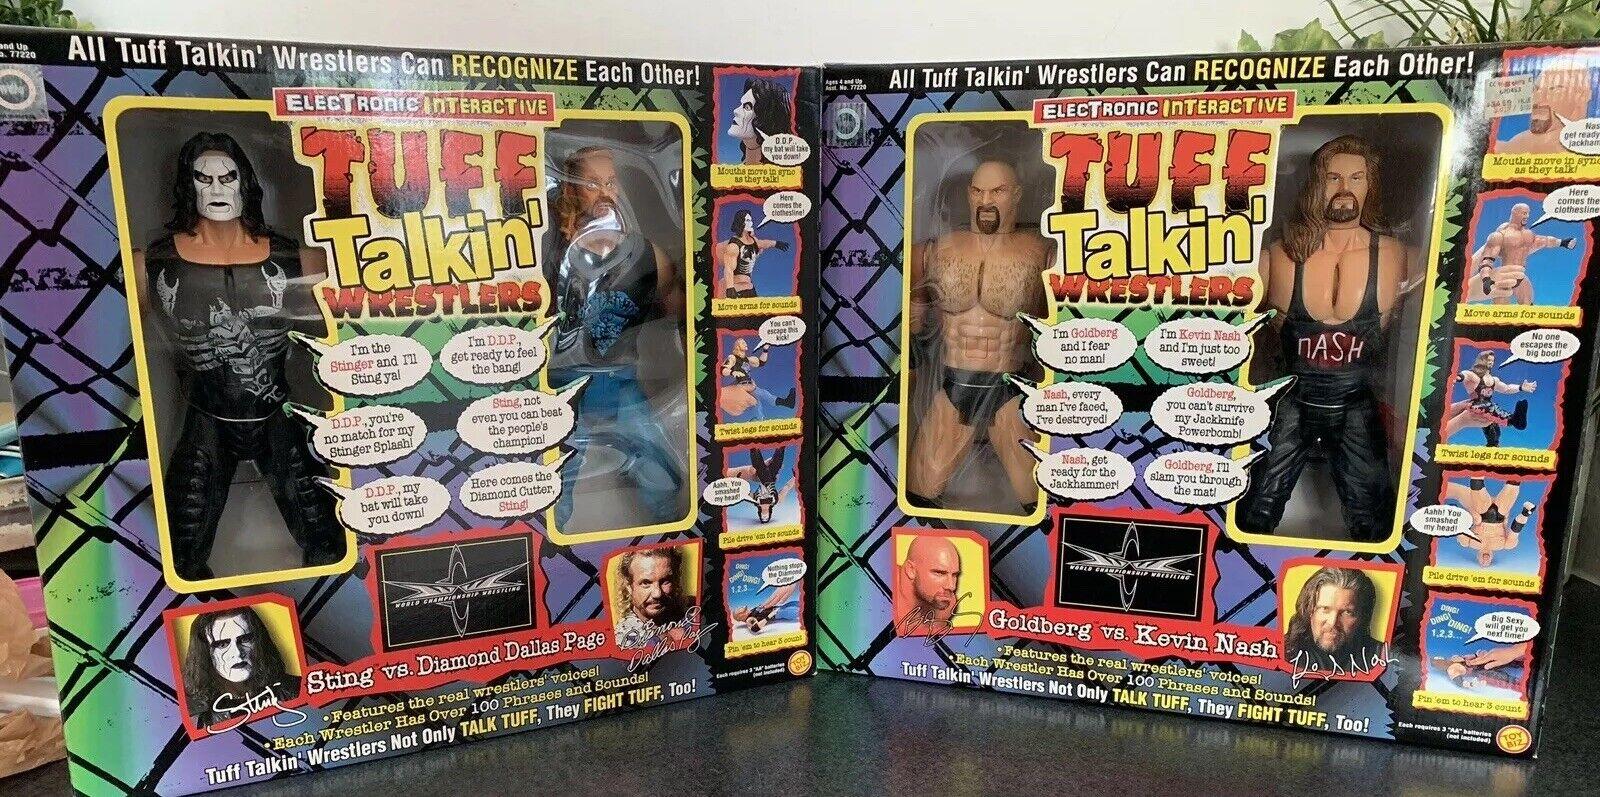 Tuff Talre'Wrestler WCW oroberg contro Kevin Nash Sting vs Diamond Dtuttias Page